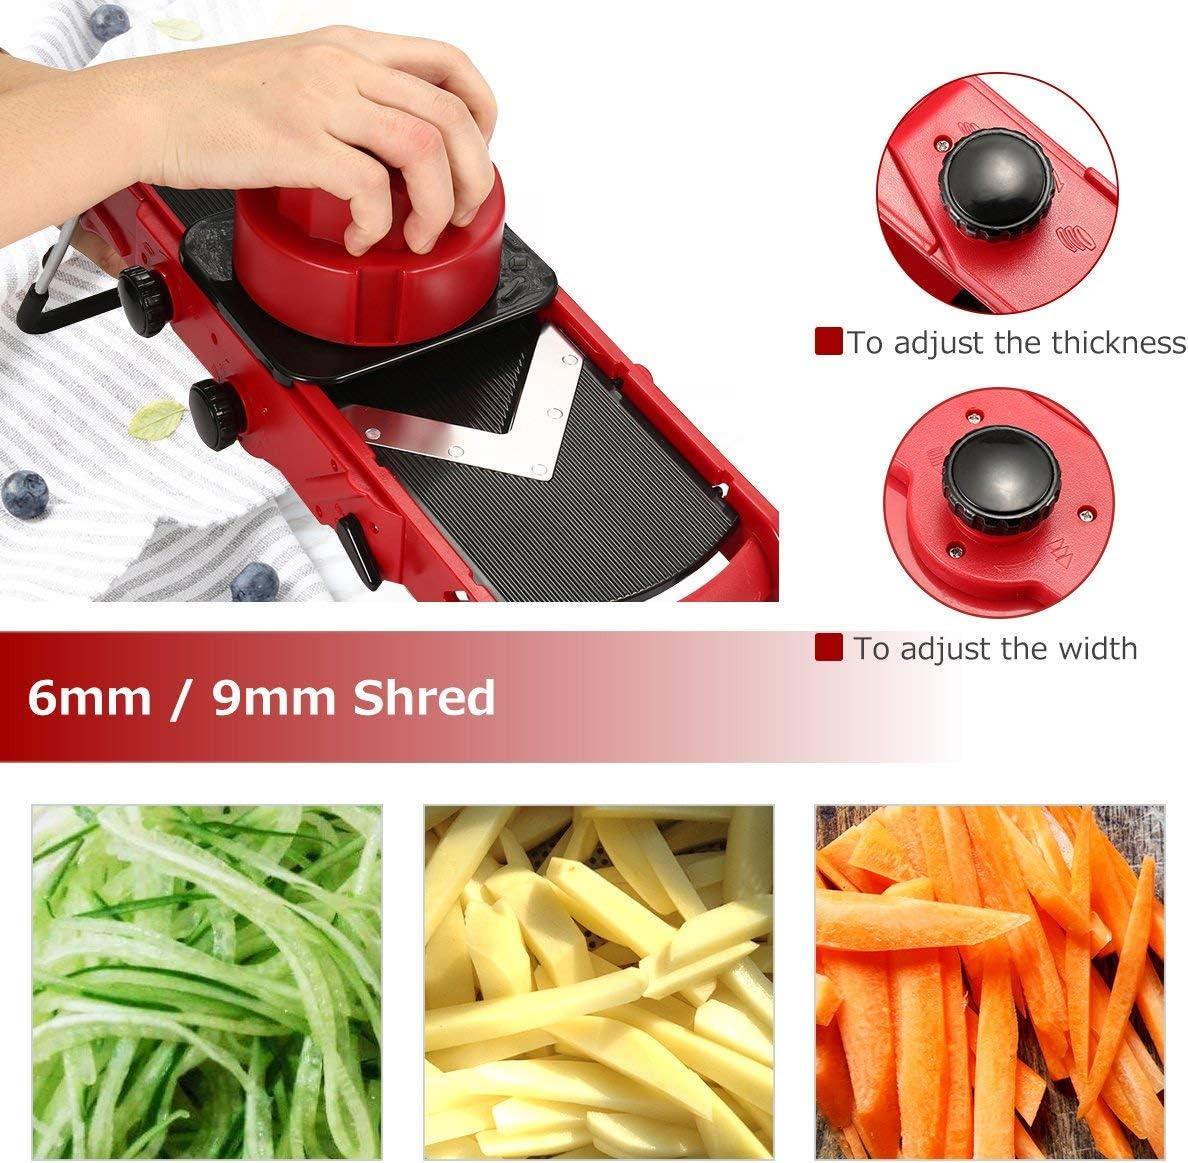 Cortador de patatas fritas con cuchilla en V, cortador de verduras ajustable, cortador de verduras 3 en 1, tiras (6/9 mm), discos (1 – 6 mm), dados (cuadrados/rombos) afilados: Amazon.es: Hogar